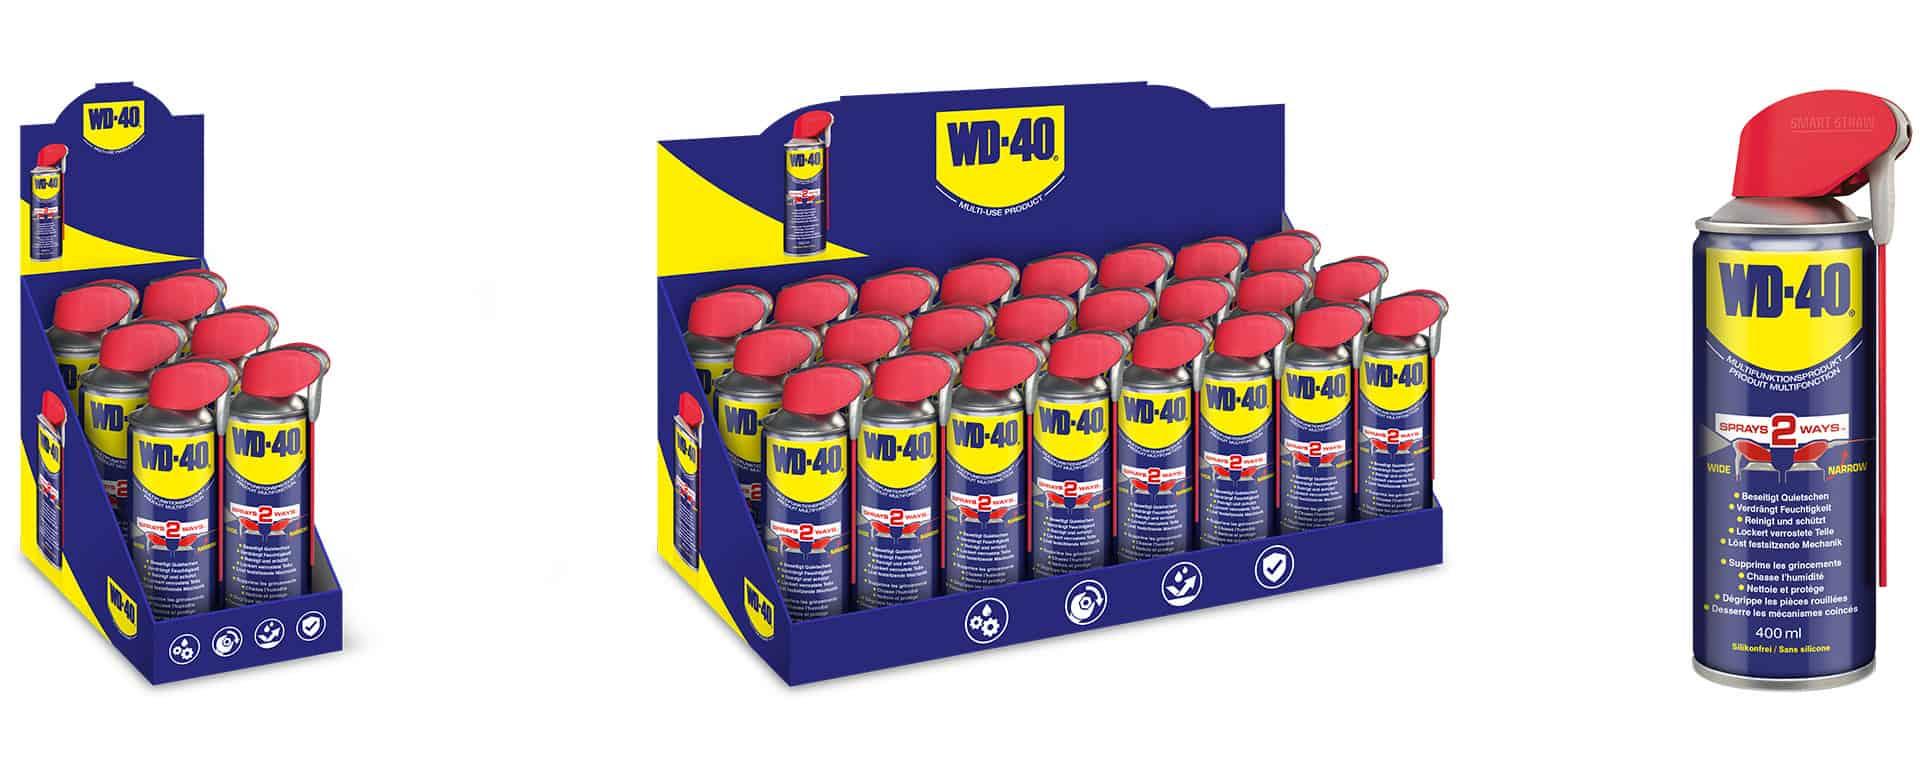 Pressemitteilung - Die WD-40 Company stärkt Marktposition mit Einführung neuer 400ml WD-40 Smart Straw Dose